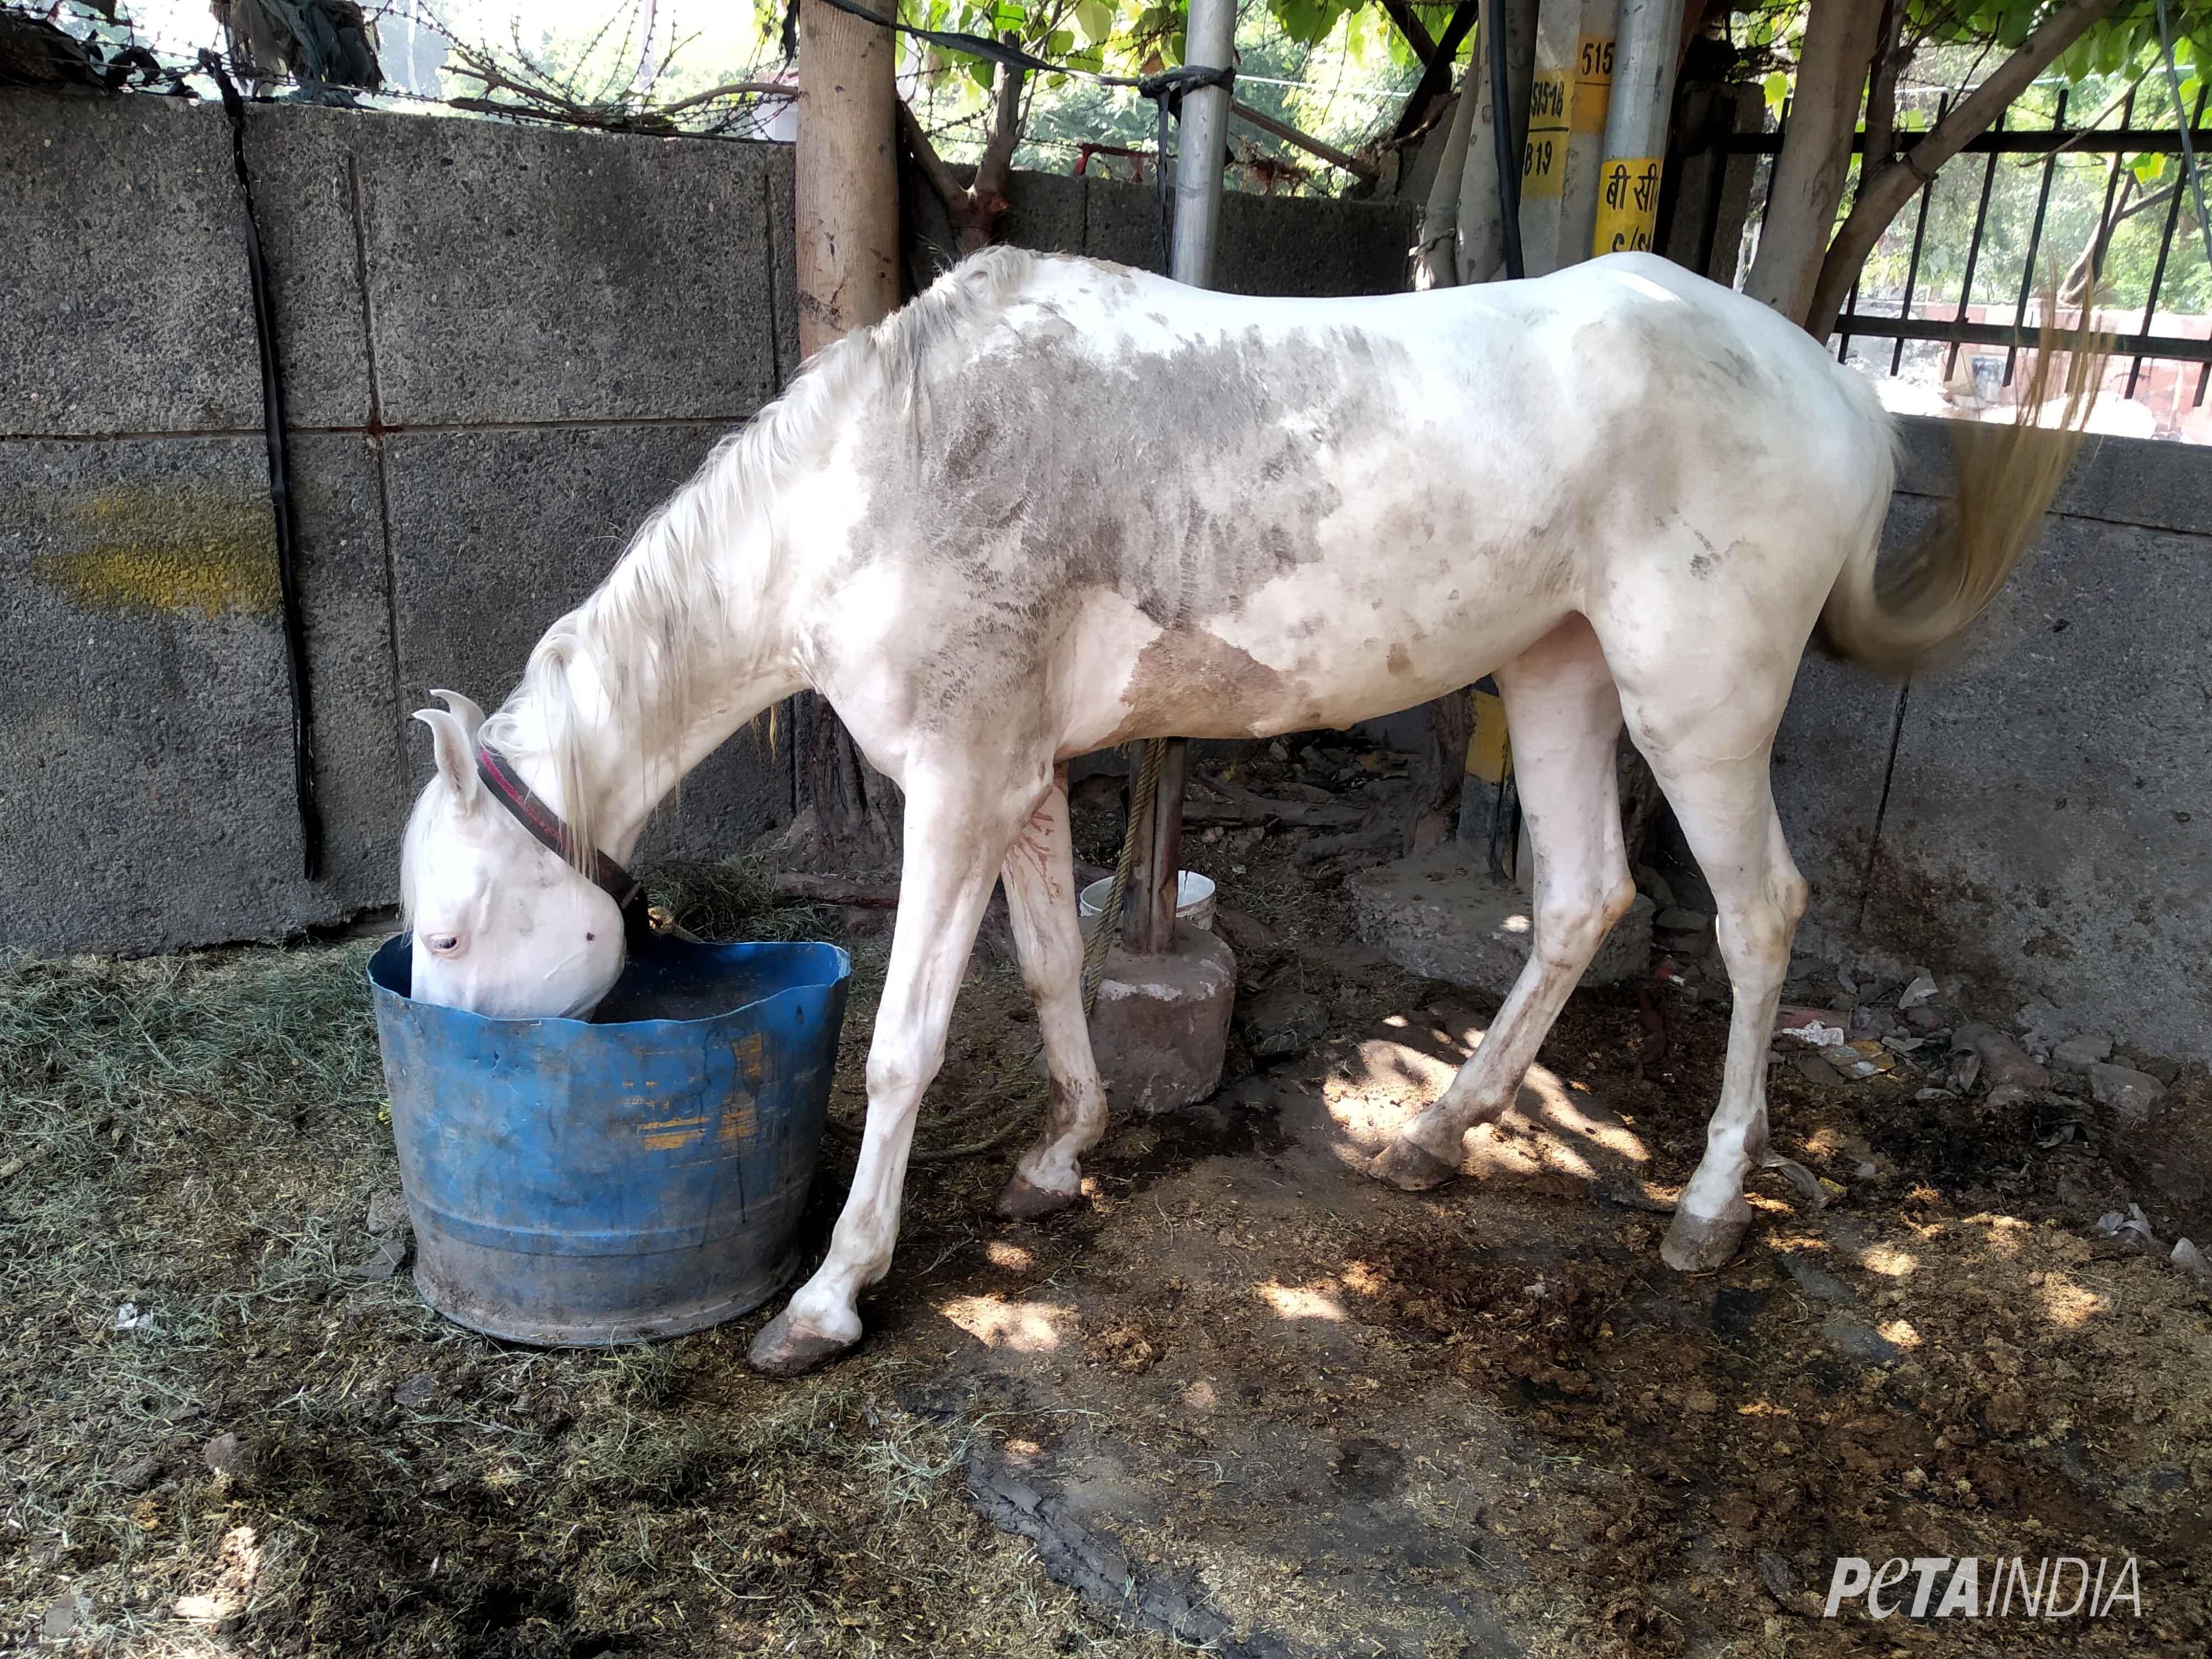 Glanders Horse Disease